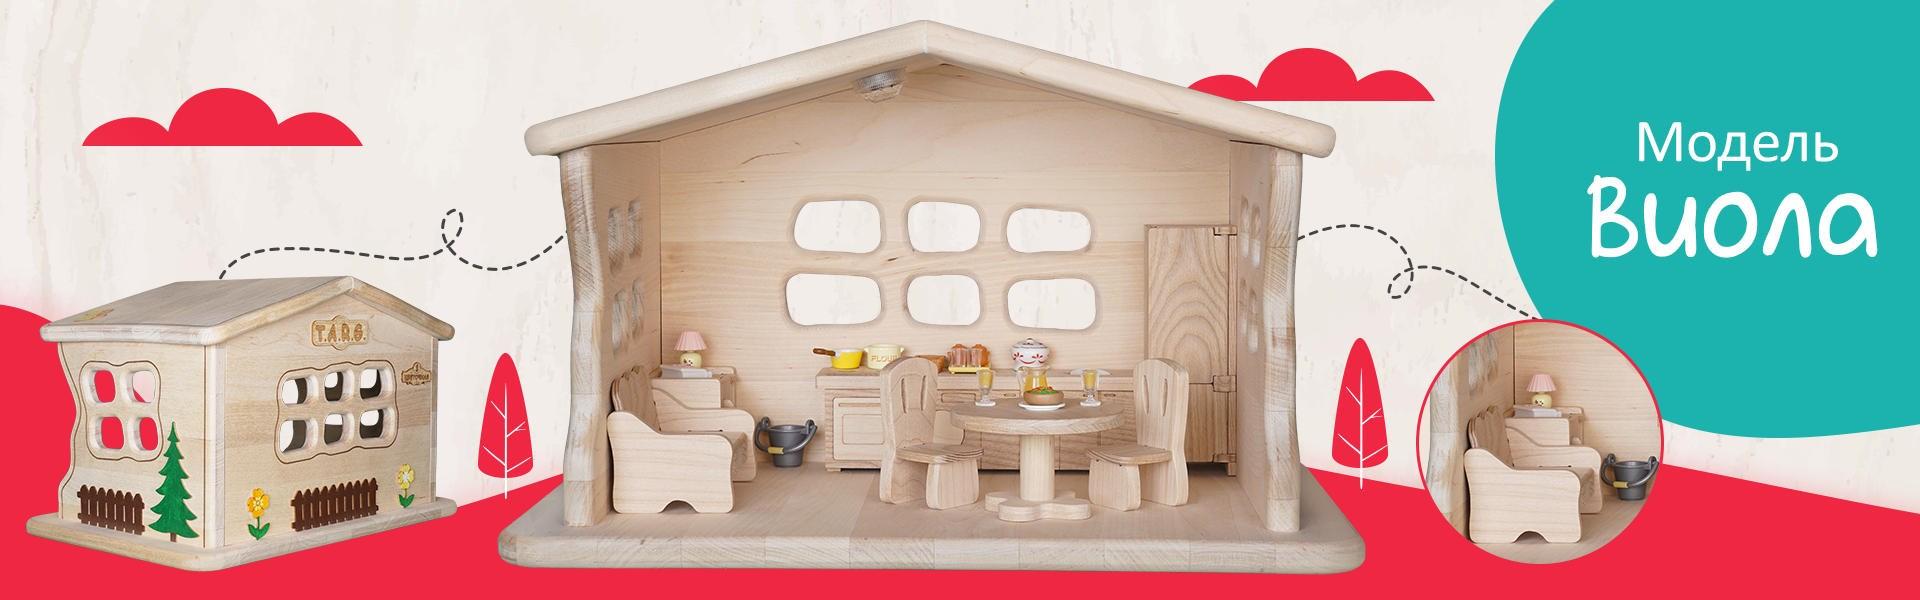 Кукольный домик ВИОЛА - фото 5171